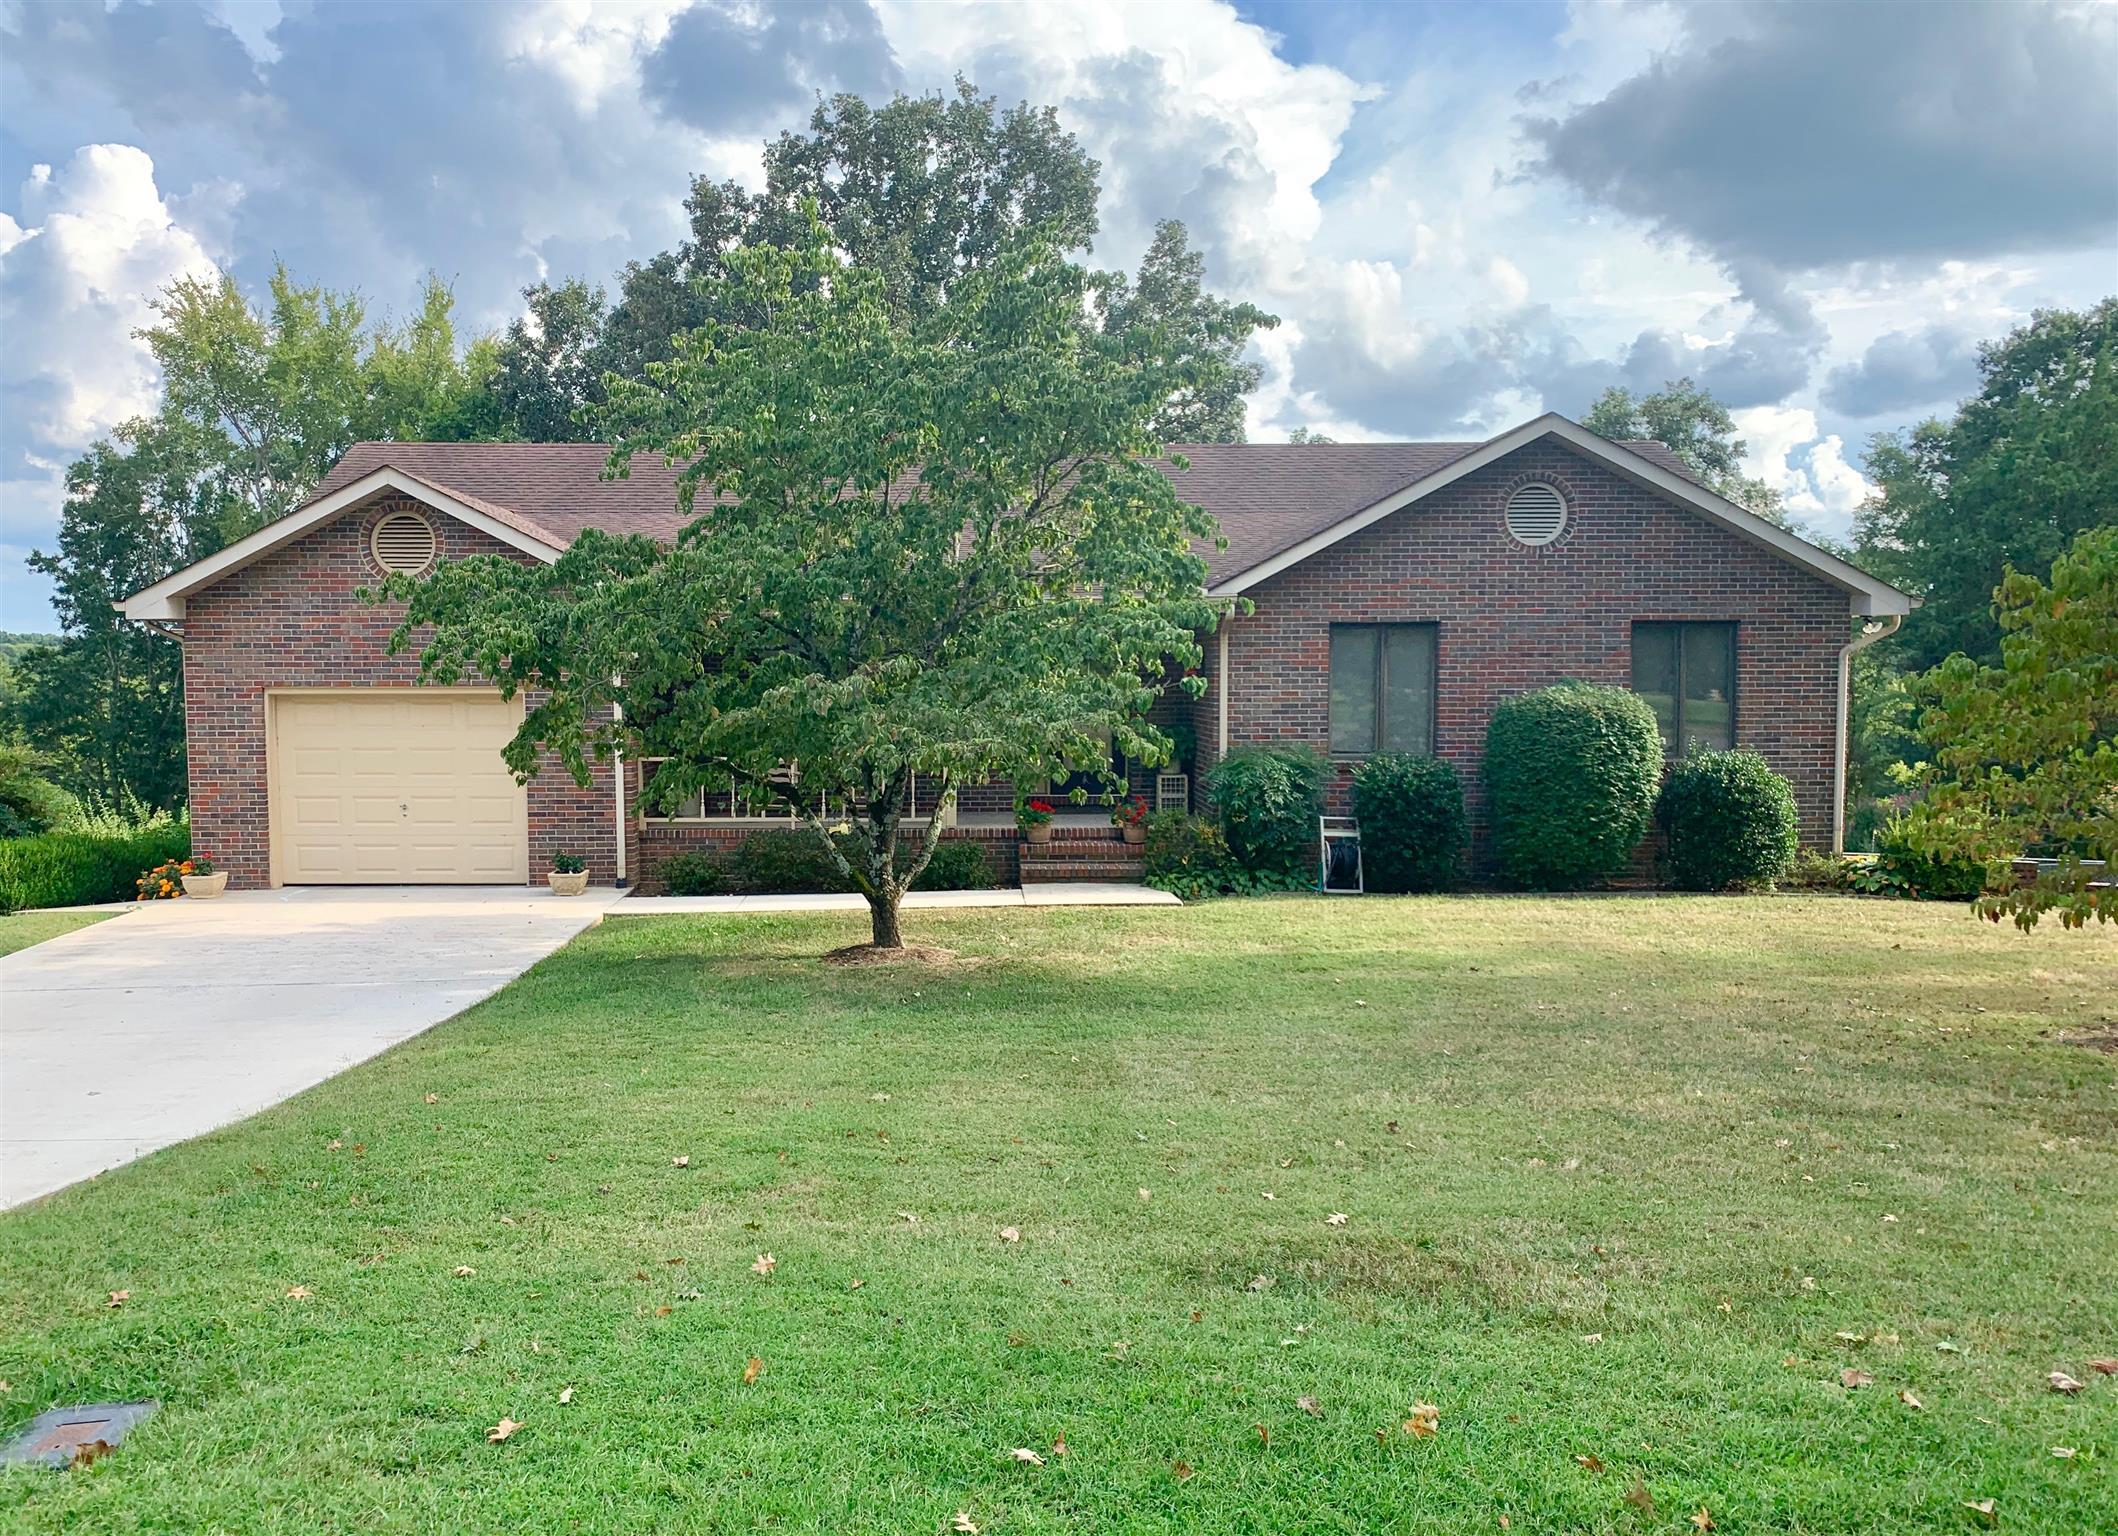 105 Hickory Hill Dr, Estill Springs, TN 37330 - Estill Springs, TN real estate listing